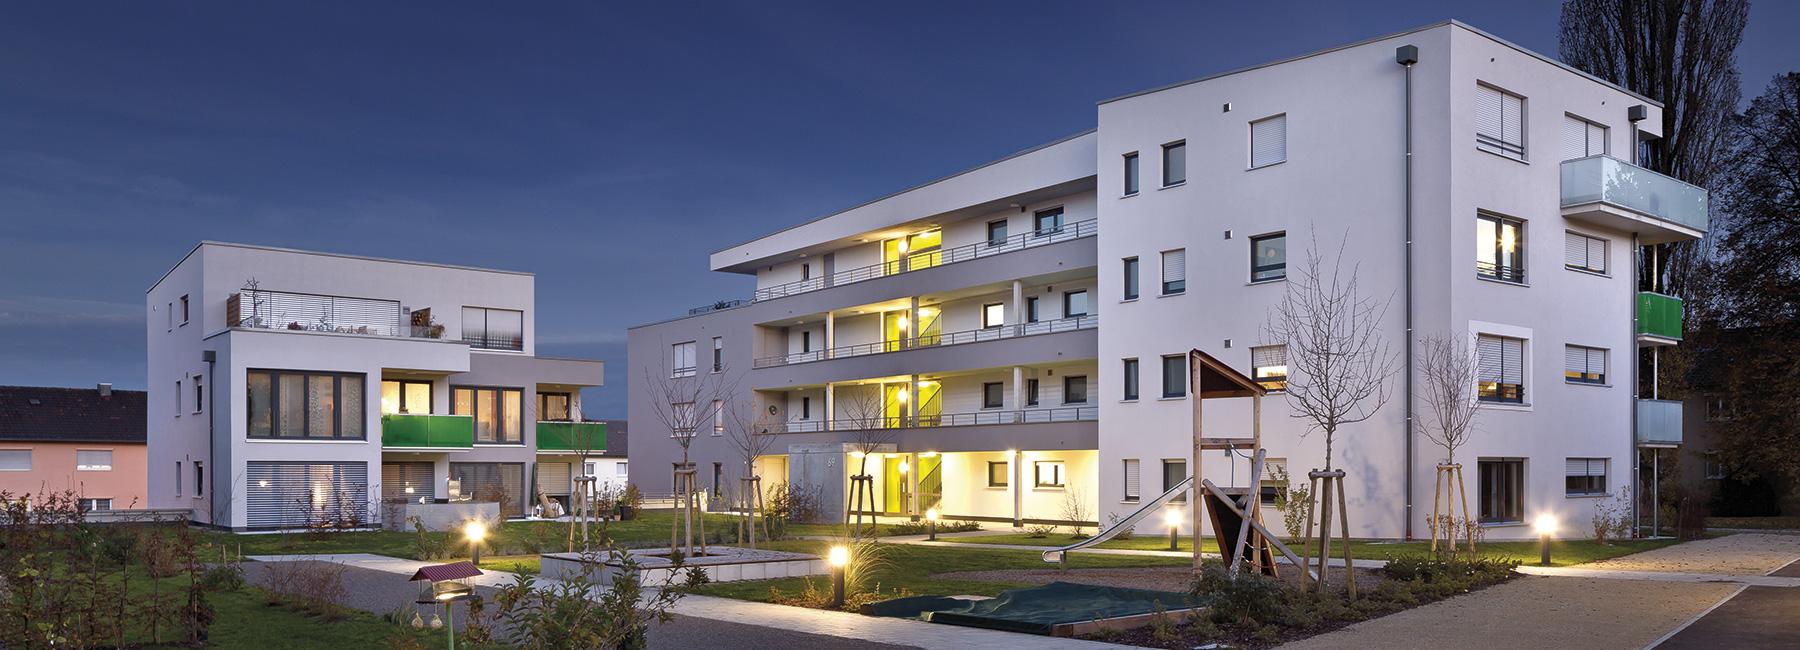 Kaufobjekt Obere Halde Rehnenhof Immobilie gebaut von der VGW Schwäbisch Gmünd